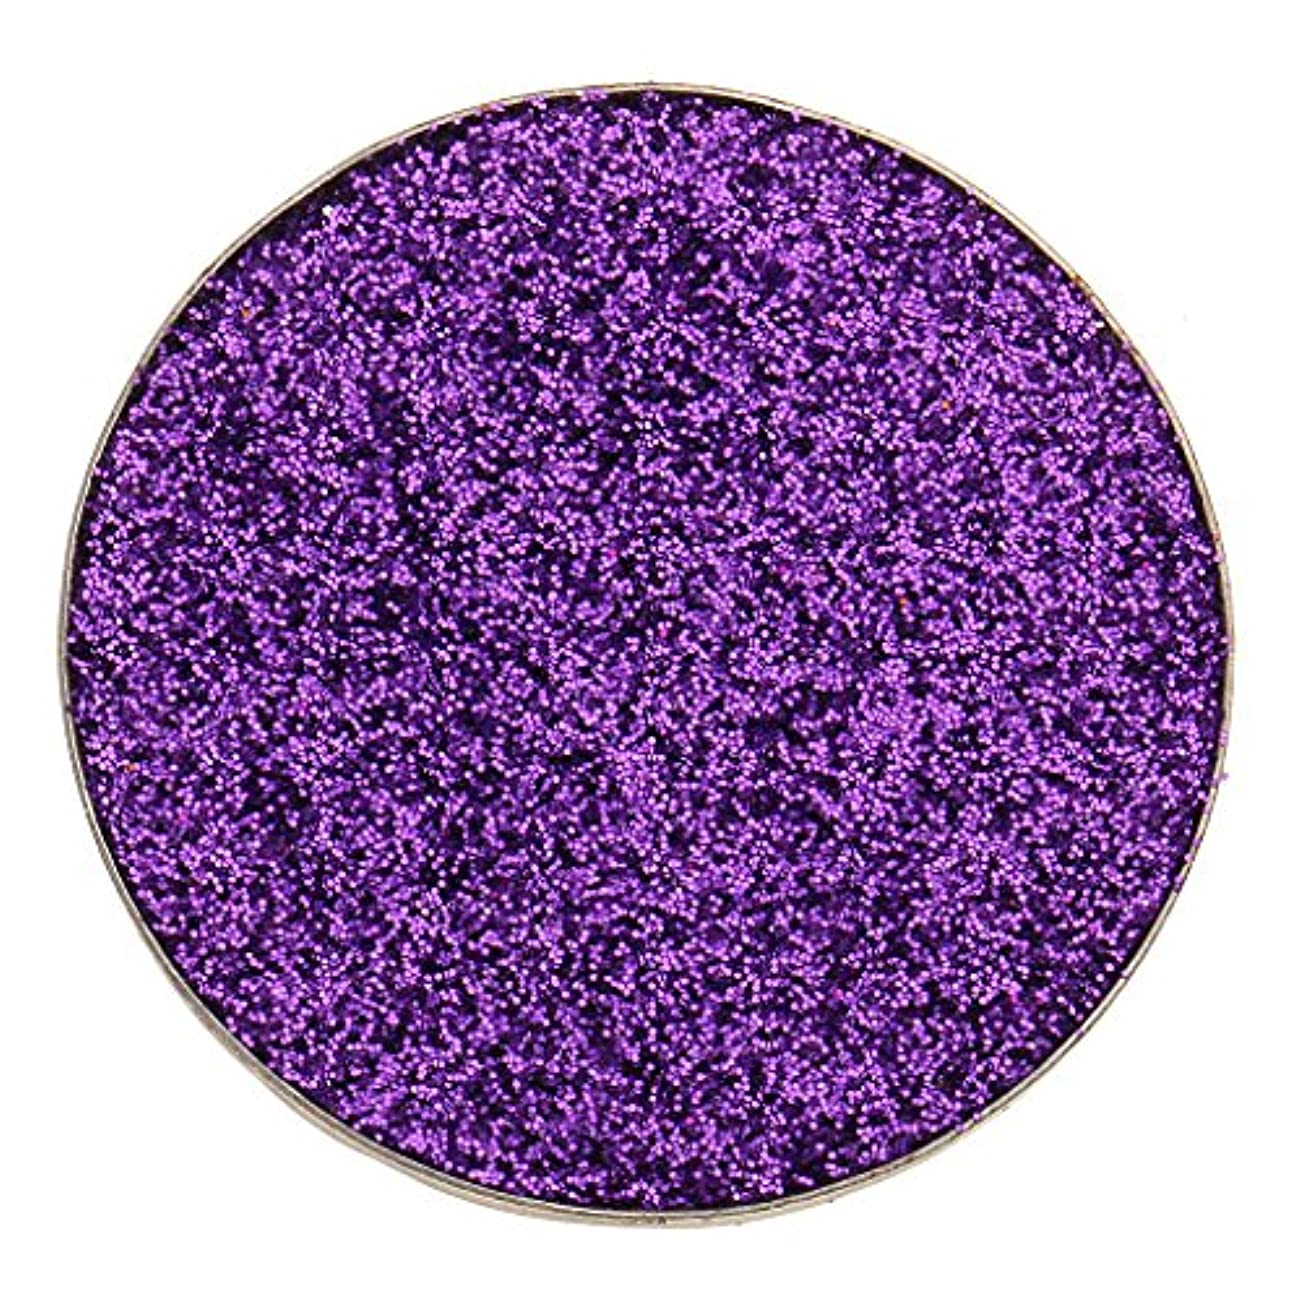 好奇心盛記述する一杯全5色 ダイヤモンド キラキラ シマー メイクアップ アイシャドウ 顔料 長持ち 滑らか - 紫